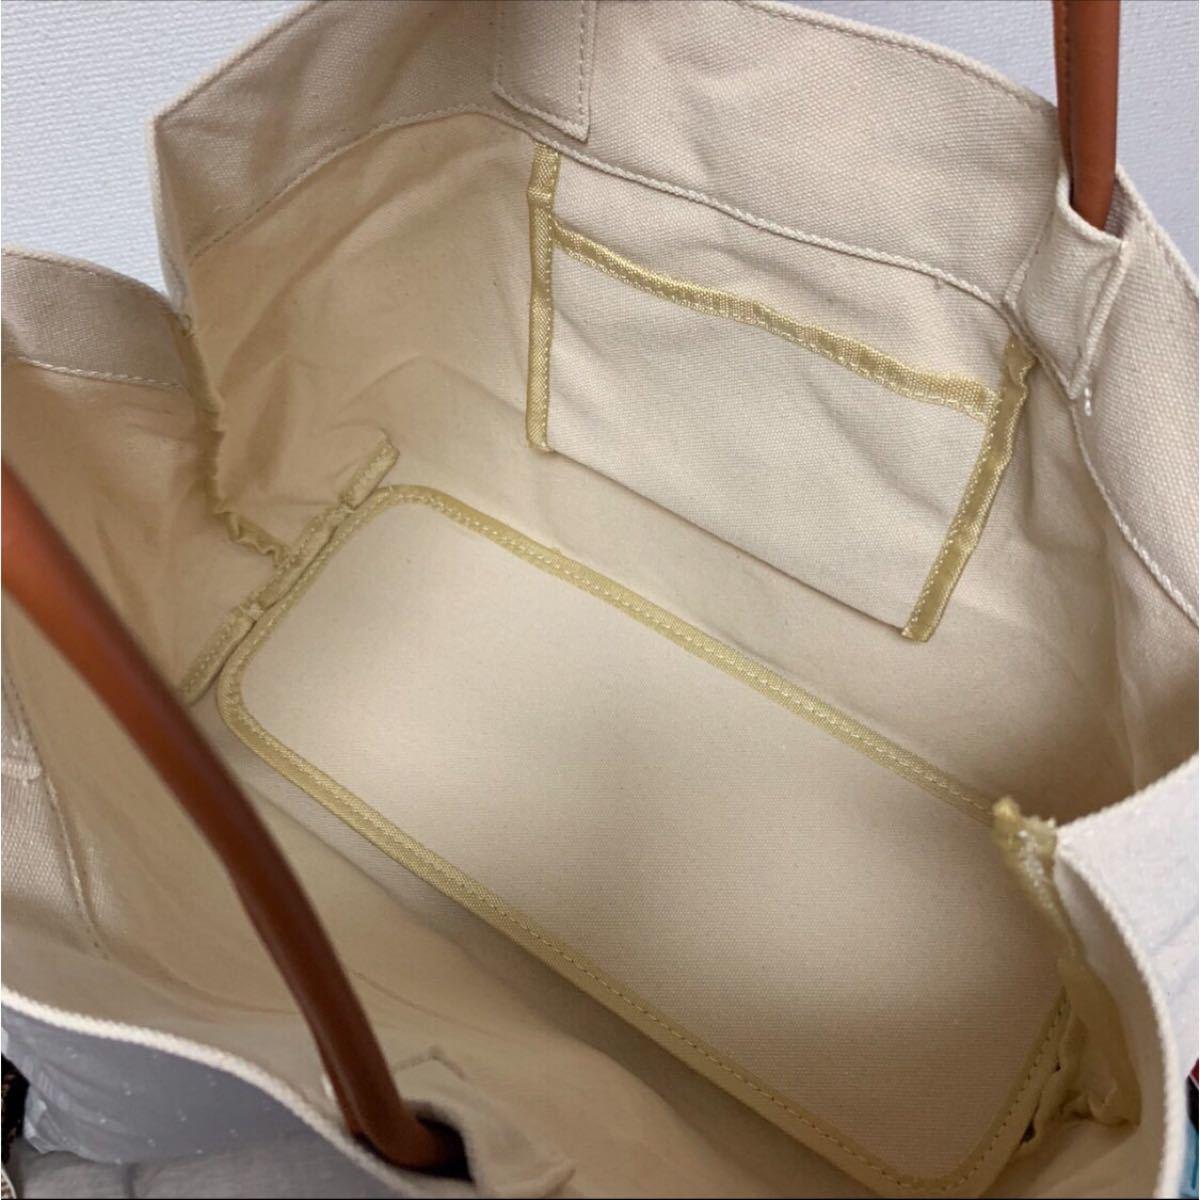 無地 シンプル キャンバストート 大容量トートバッグ きなり 白 ホワイト